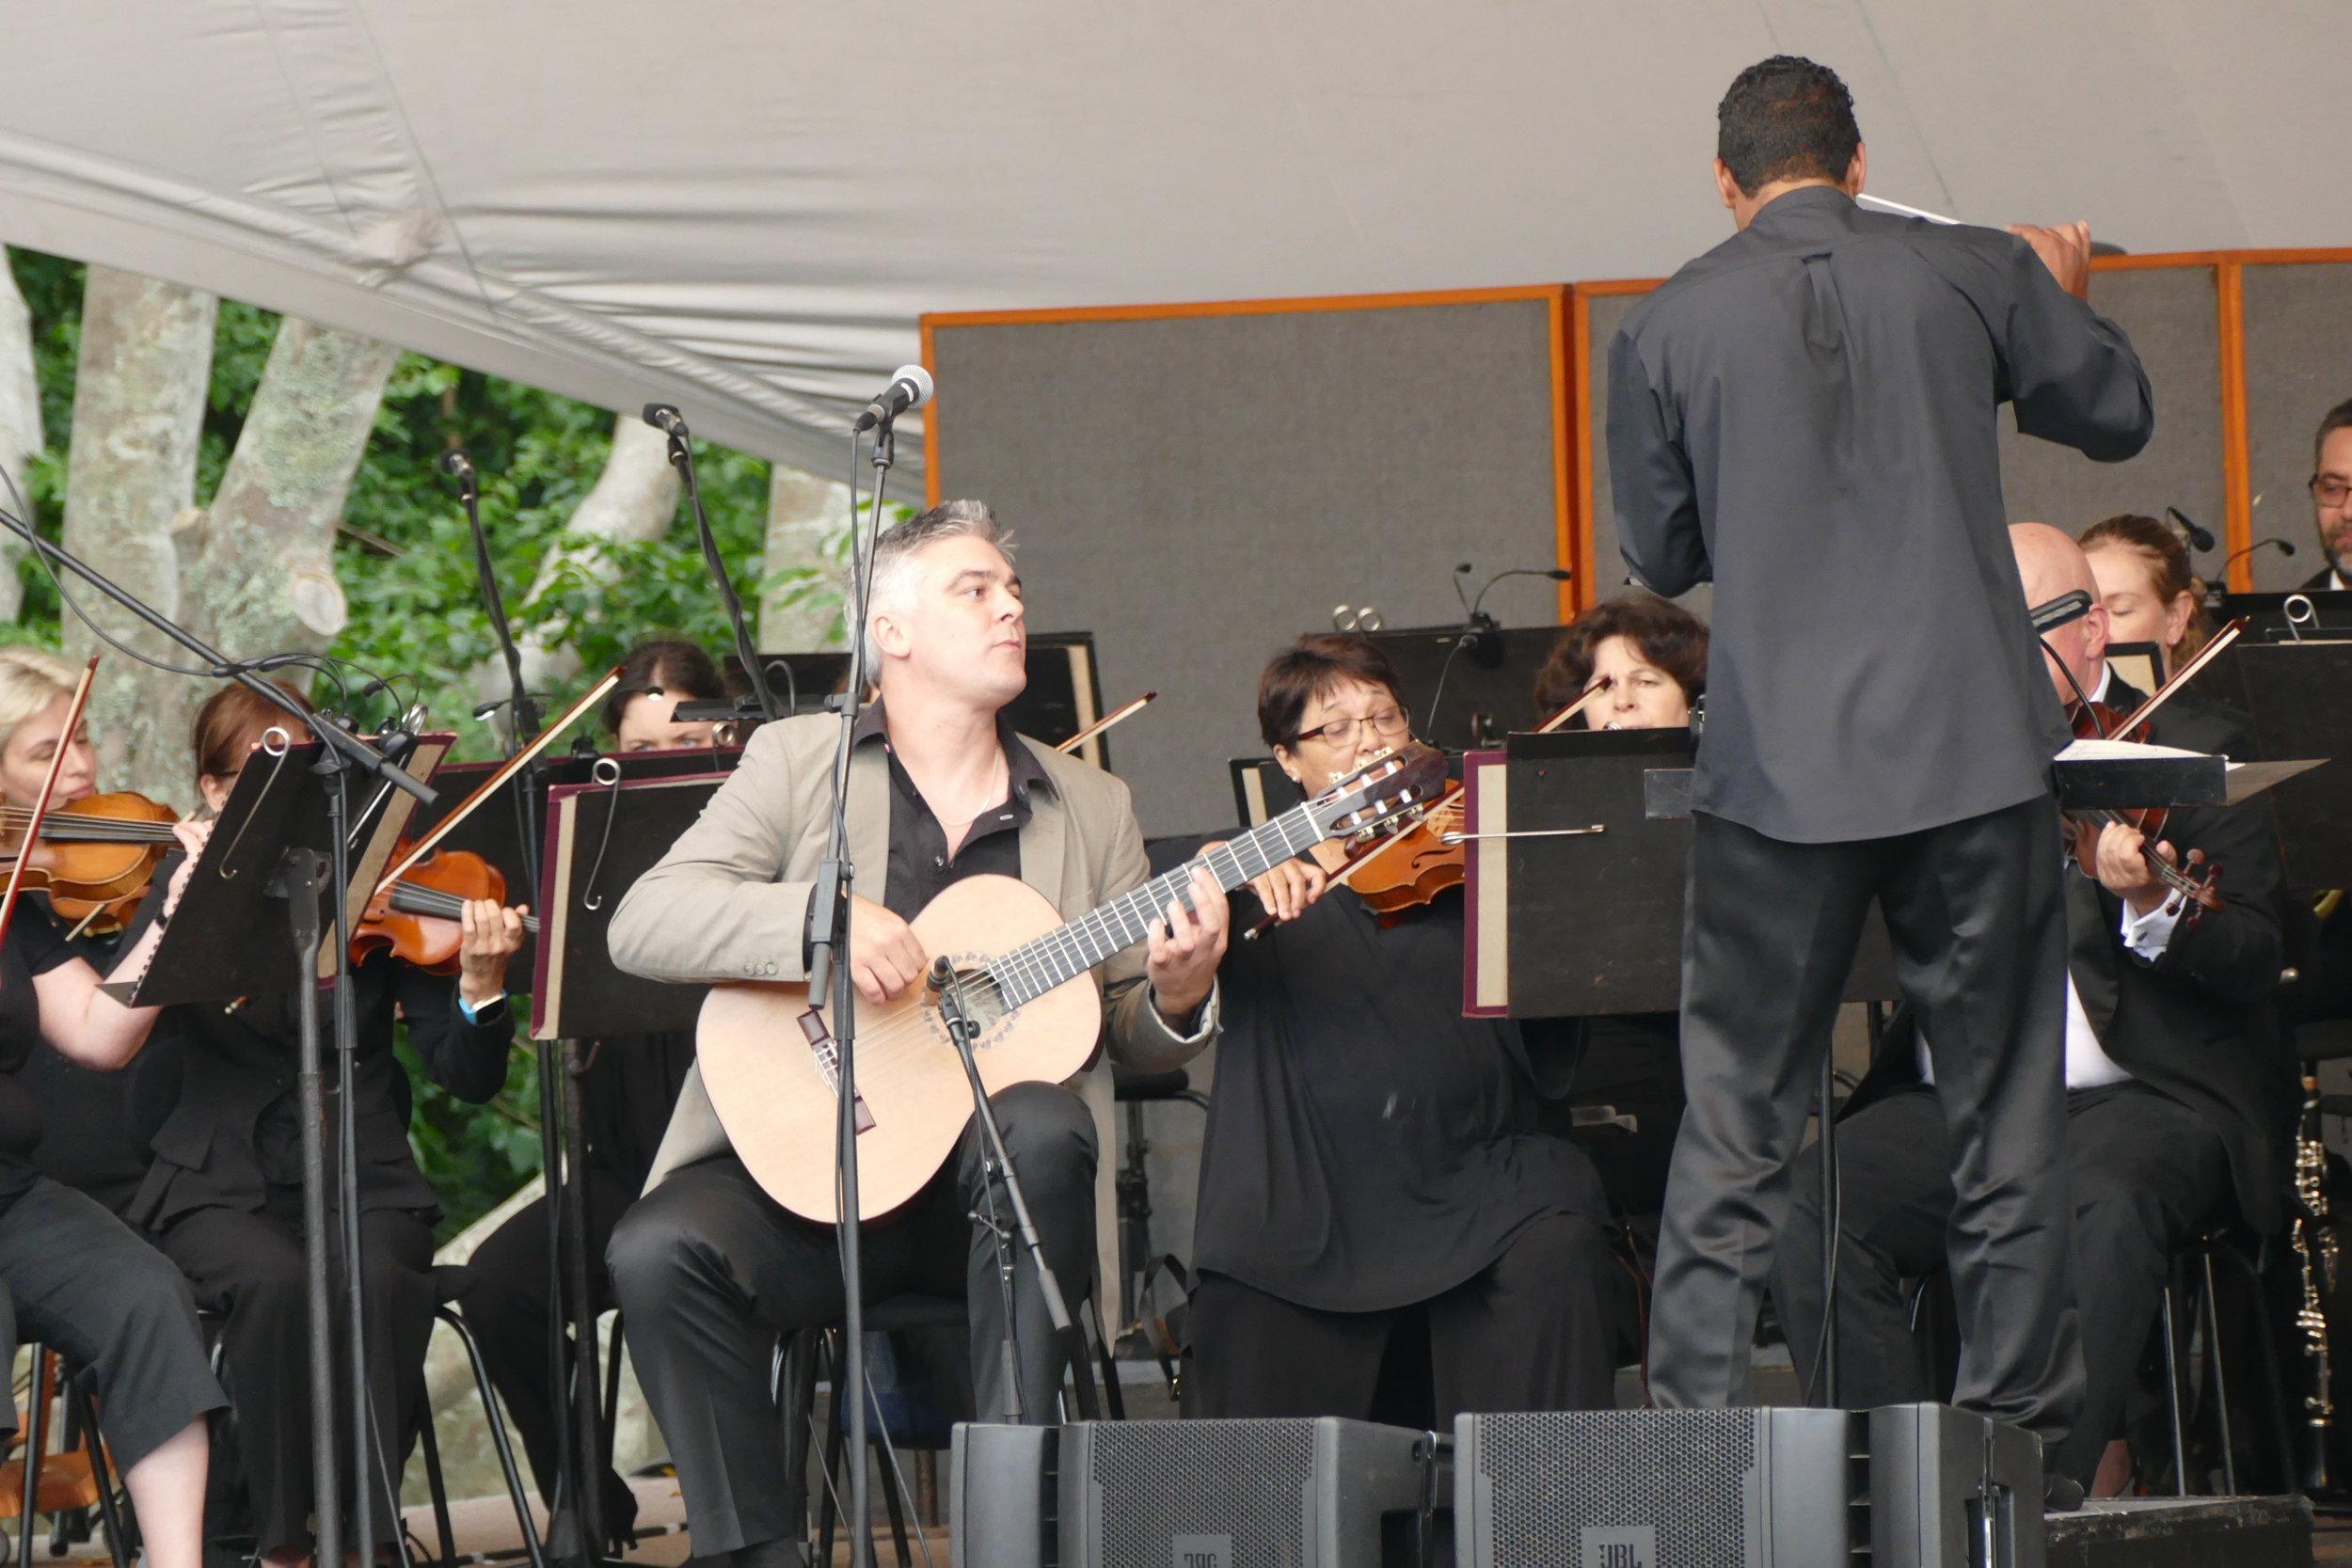 James Grace Concert at Kirstenbosch